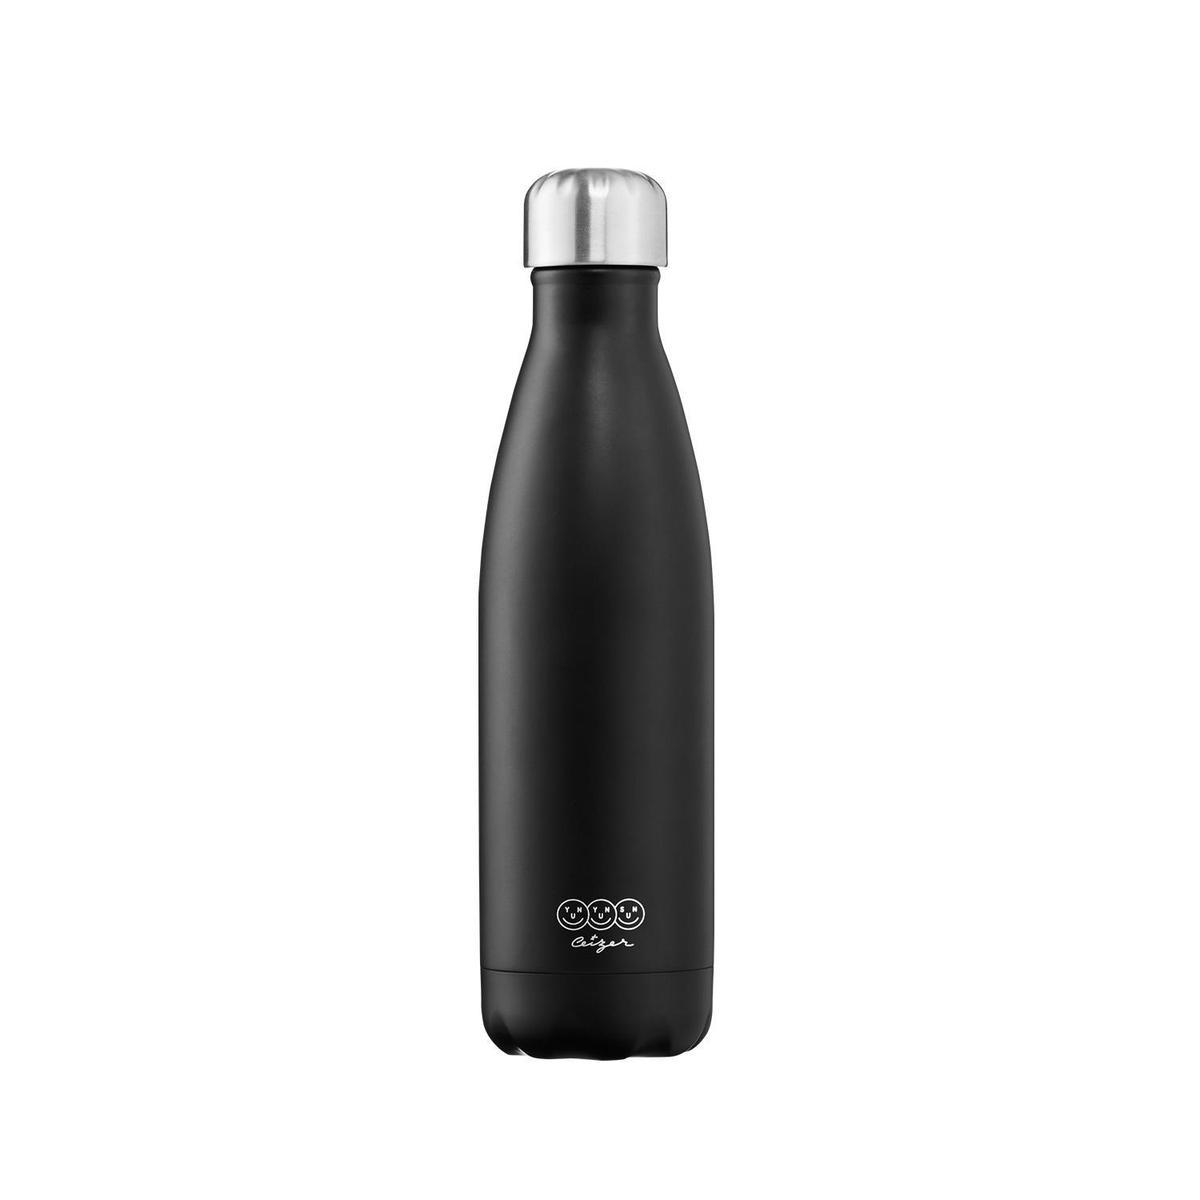 Ceizer x YUN YUN SUN不鏽鋼水瓶。NT$2,380(YUN YUN SUN提供)